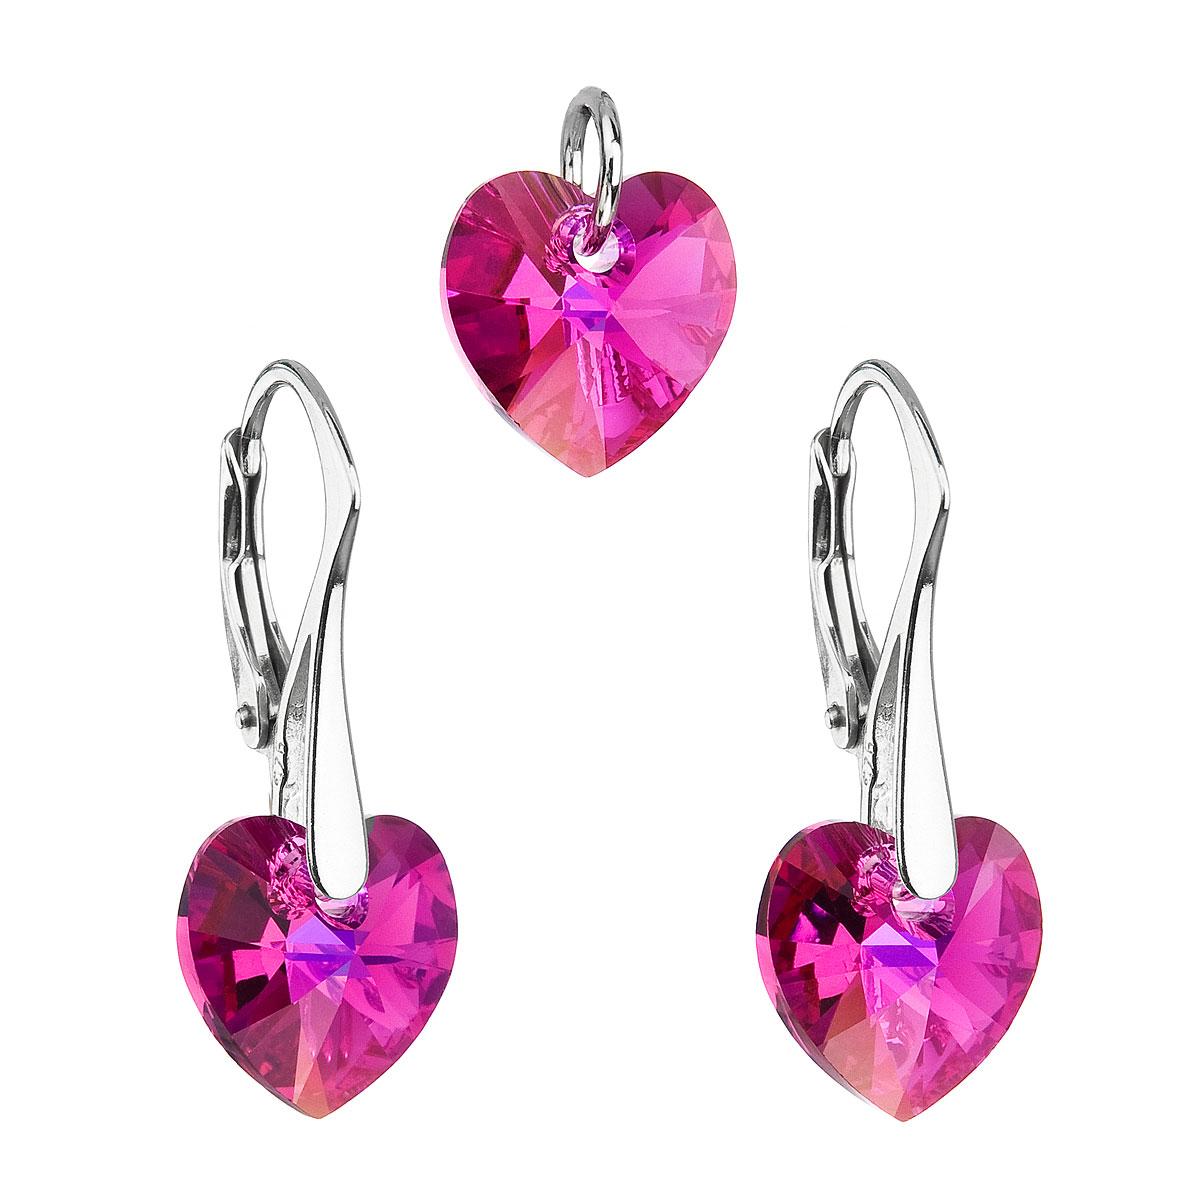 Sada šperkov s krištáľmi Swarovski náušnice a prívesok ružové srdcia 39003.4